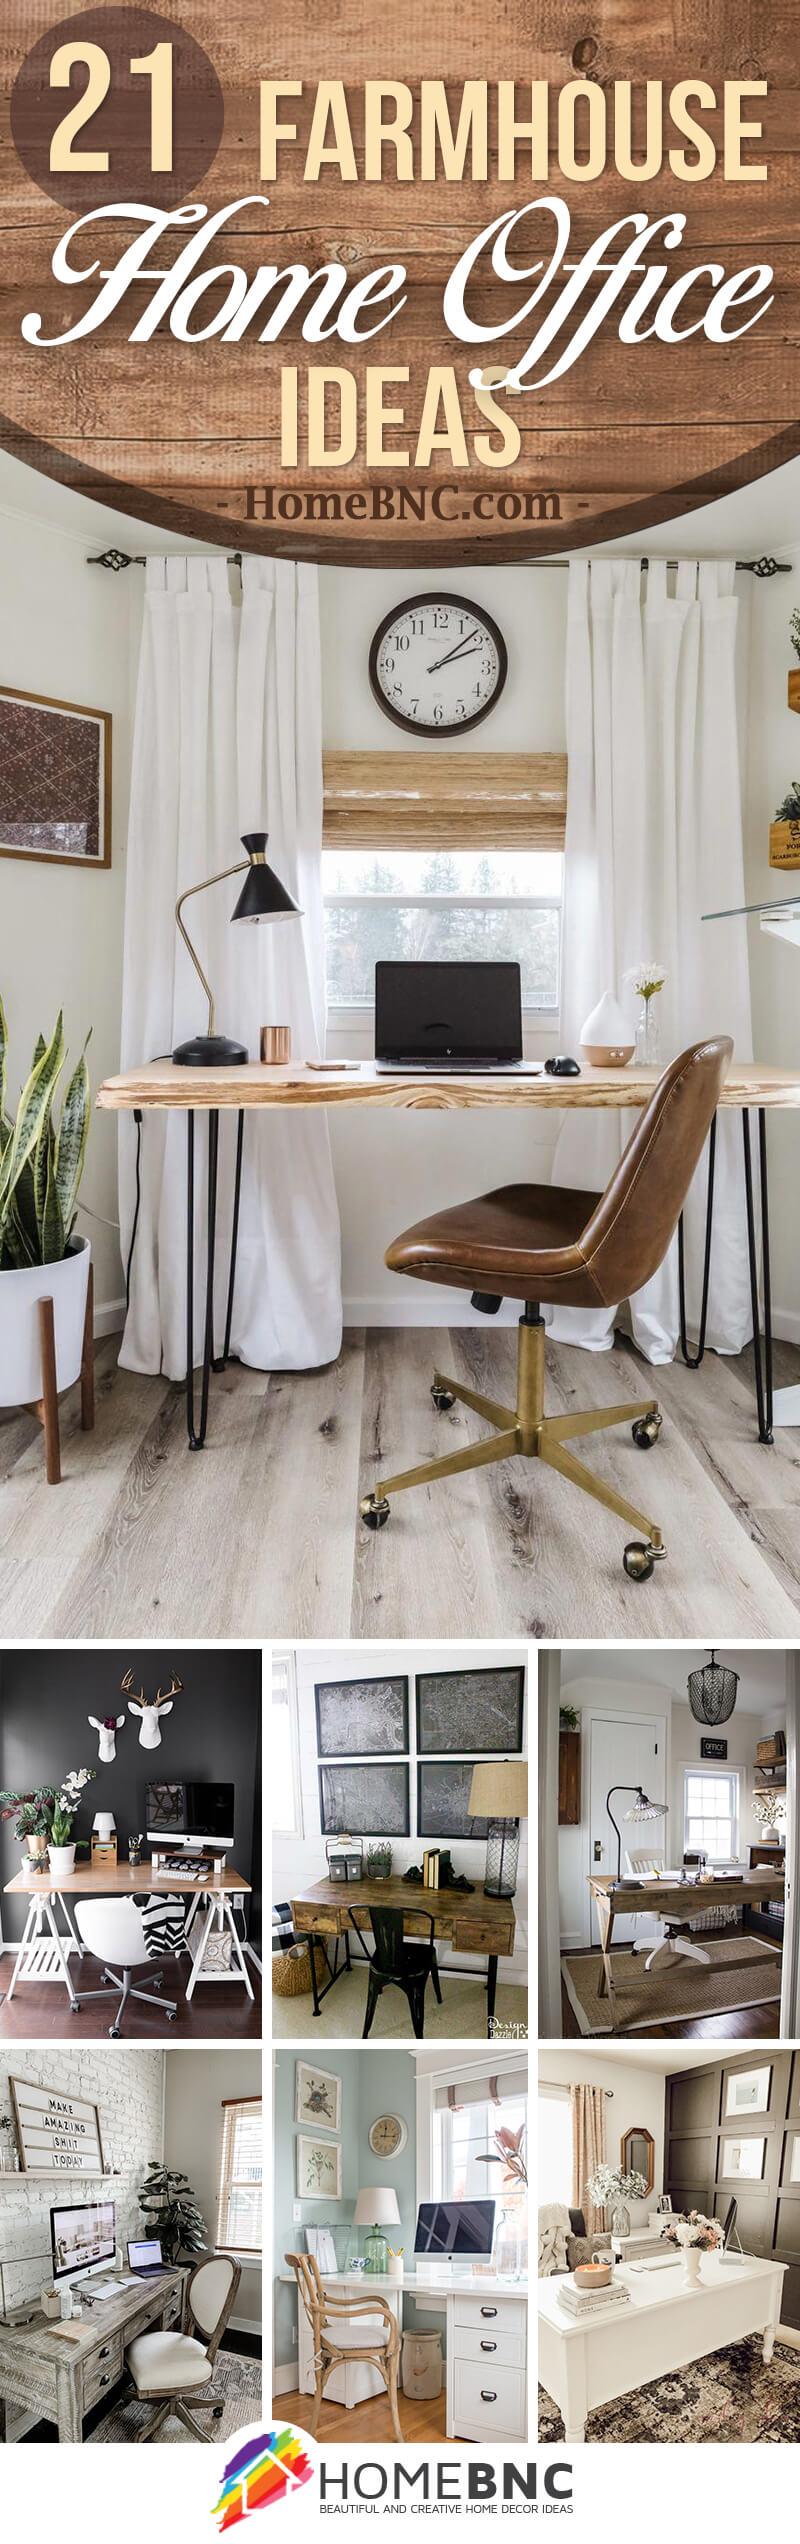 Best Farmhouse Home Office Ideas